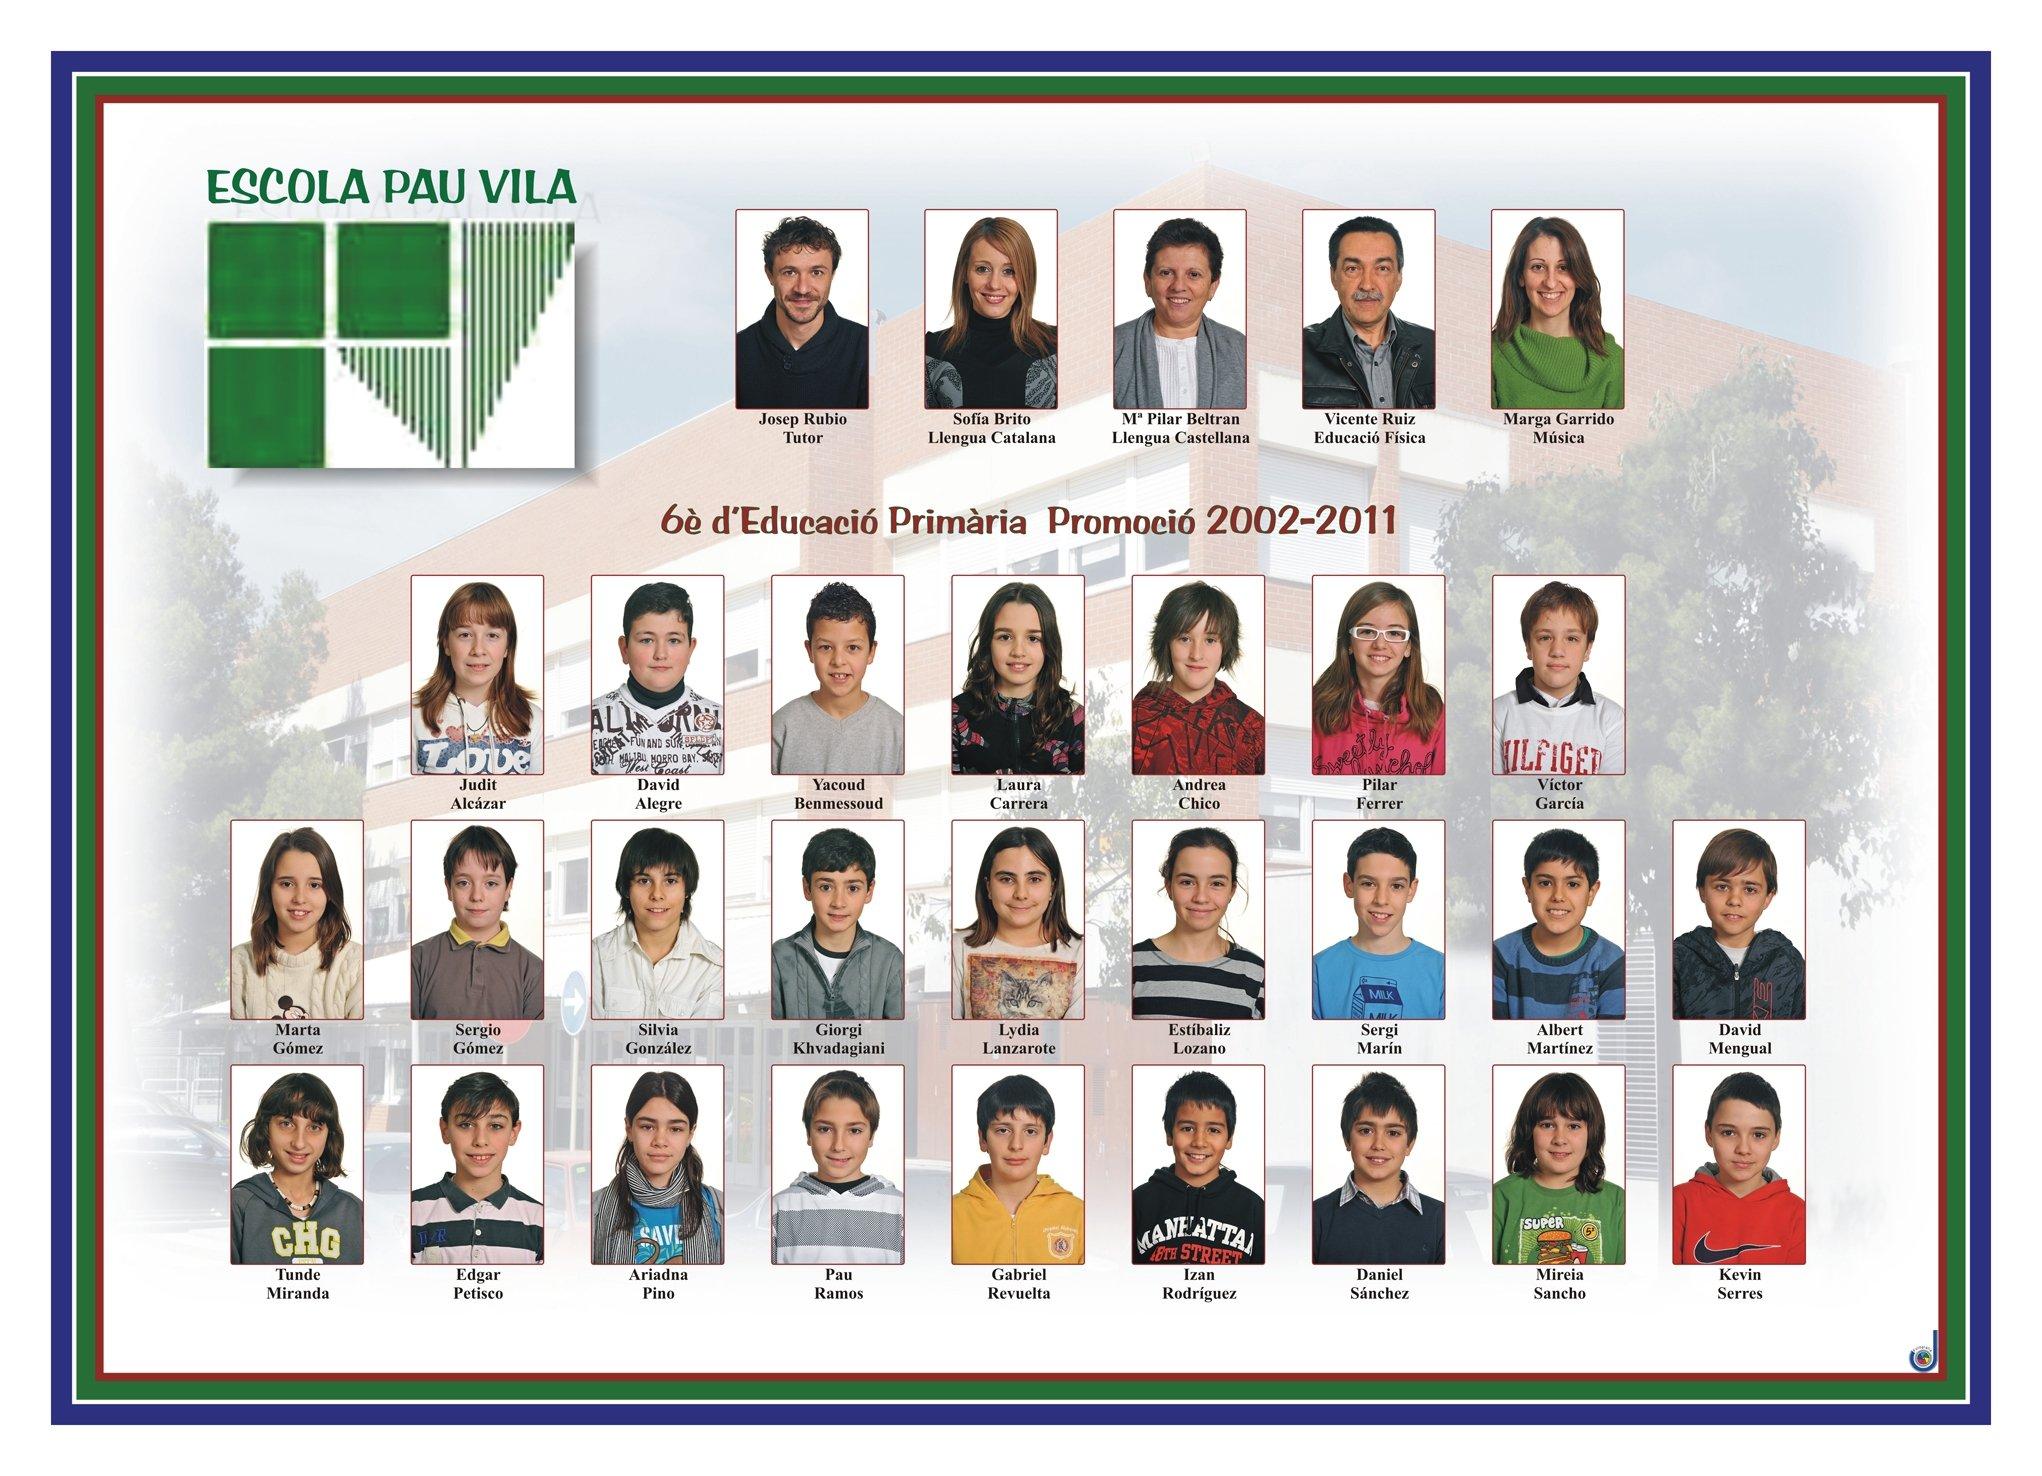 promocio-2002-1011